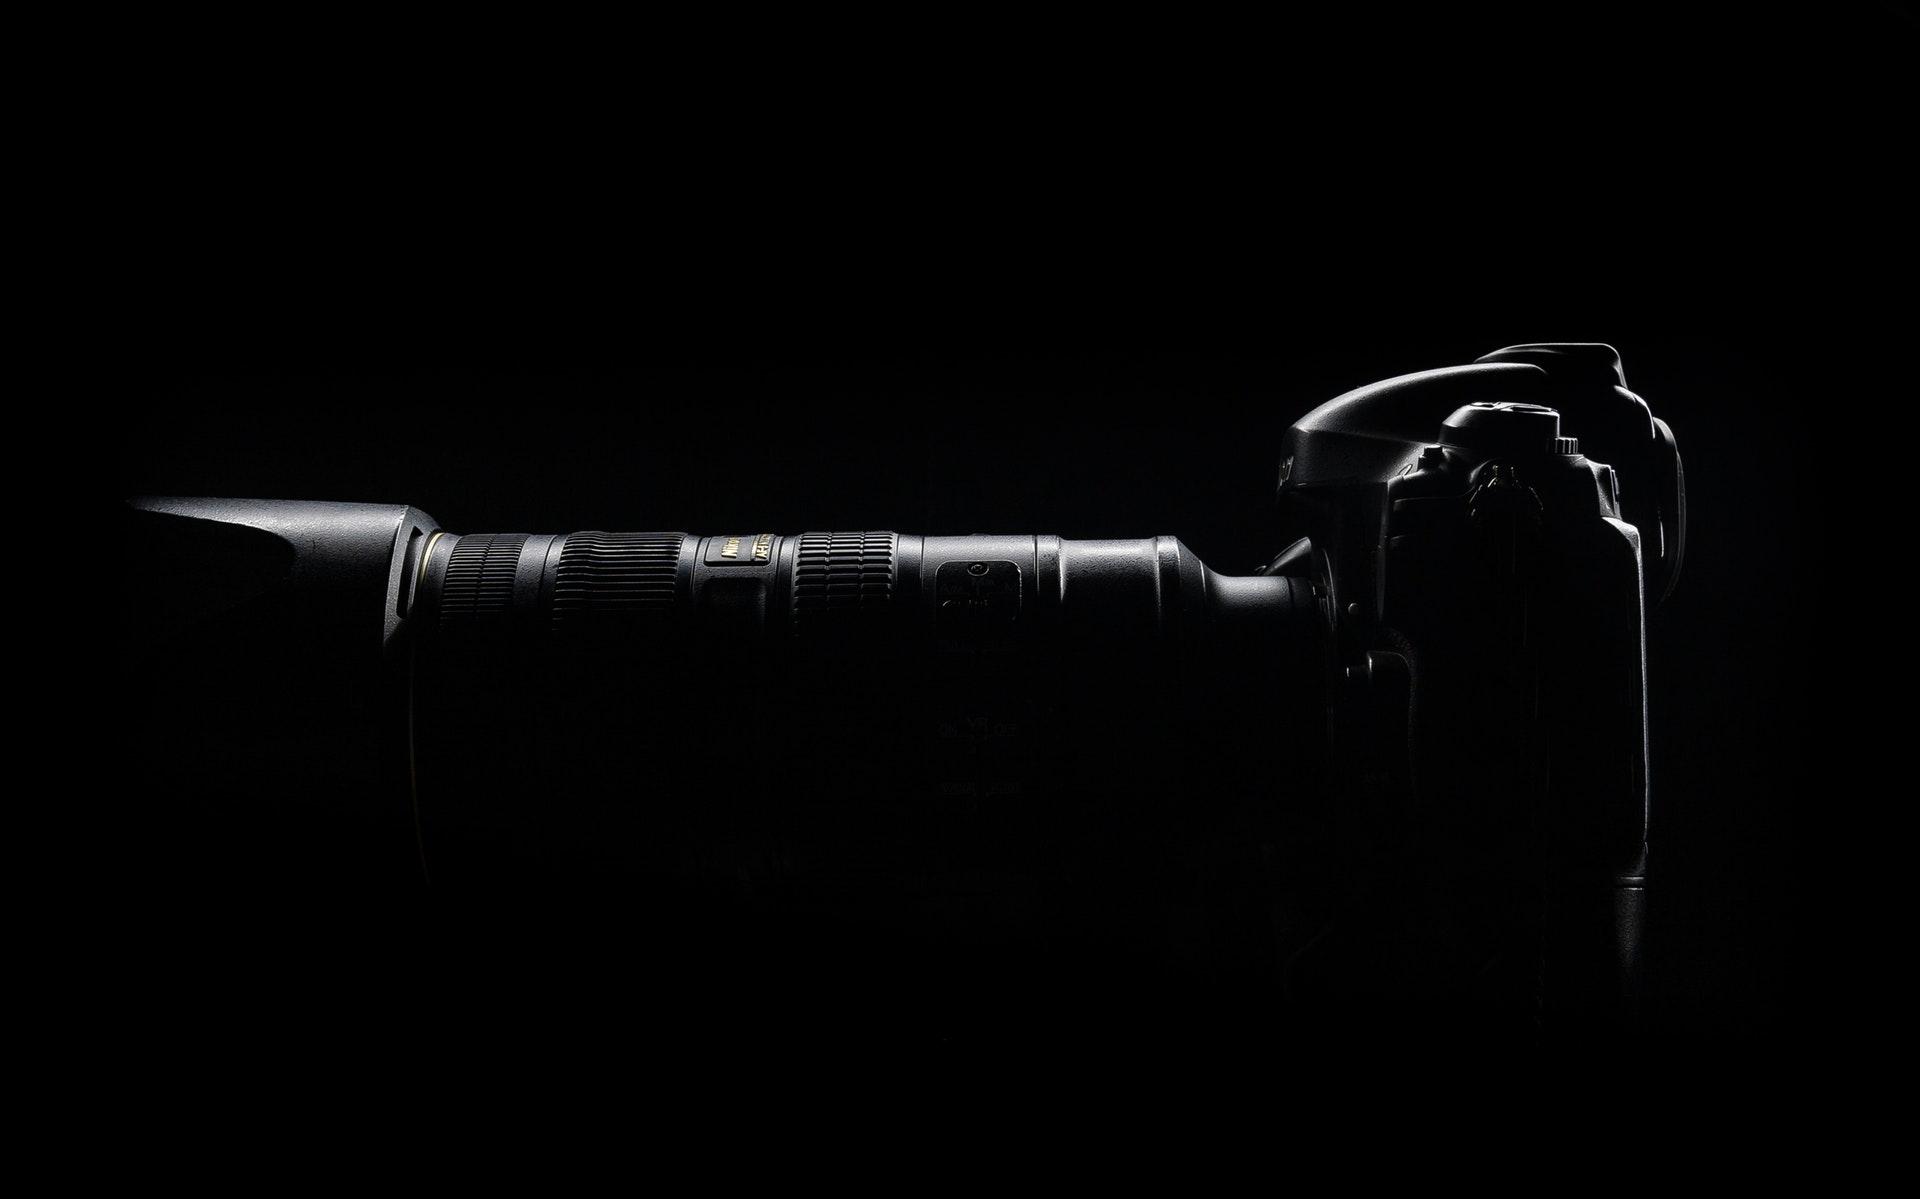 Pojęcie rozdzielczości sensora (matrycy) aparatu fotograficznego